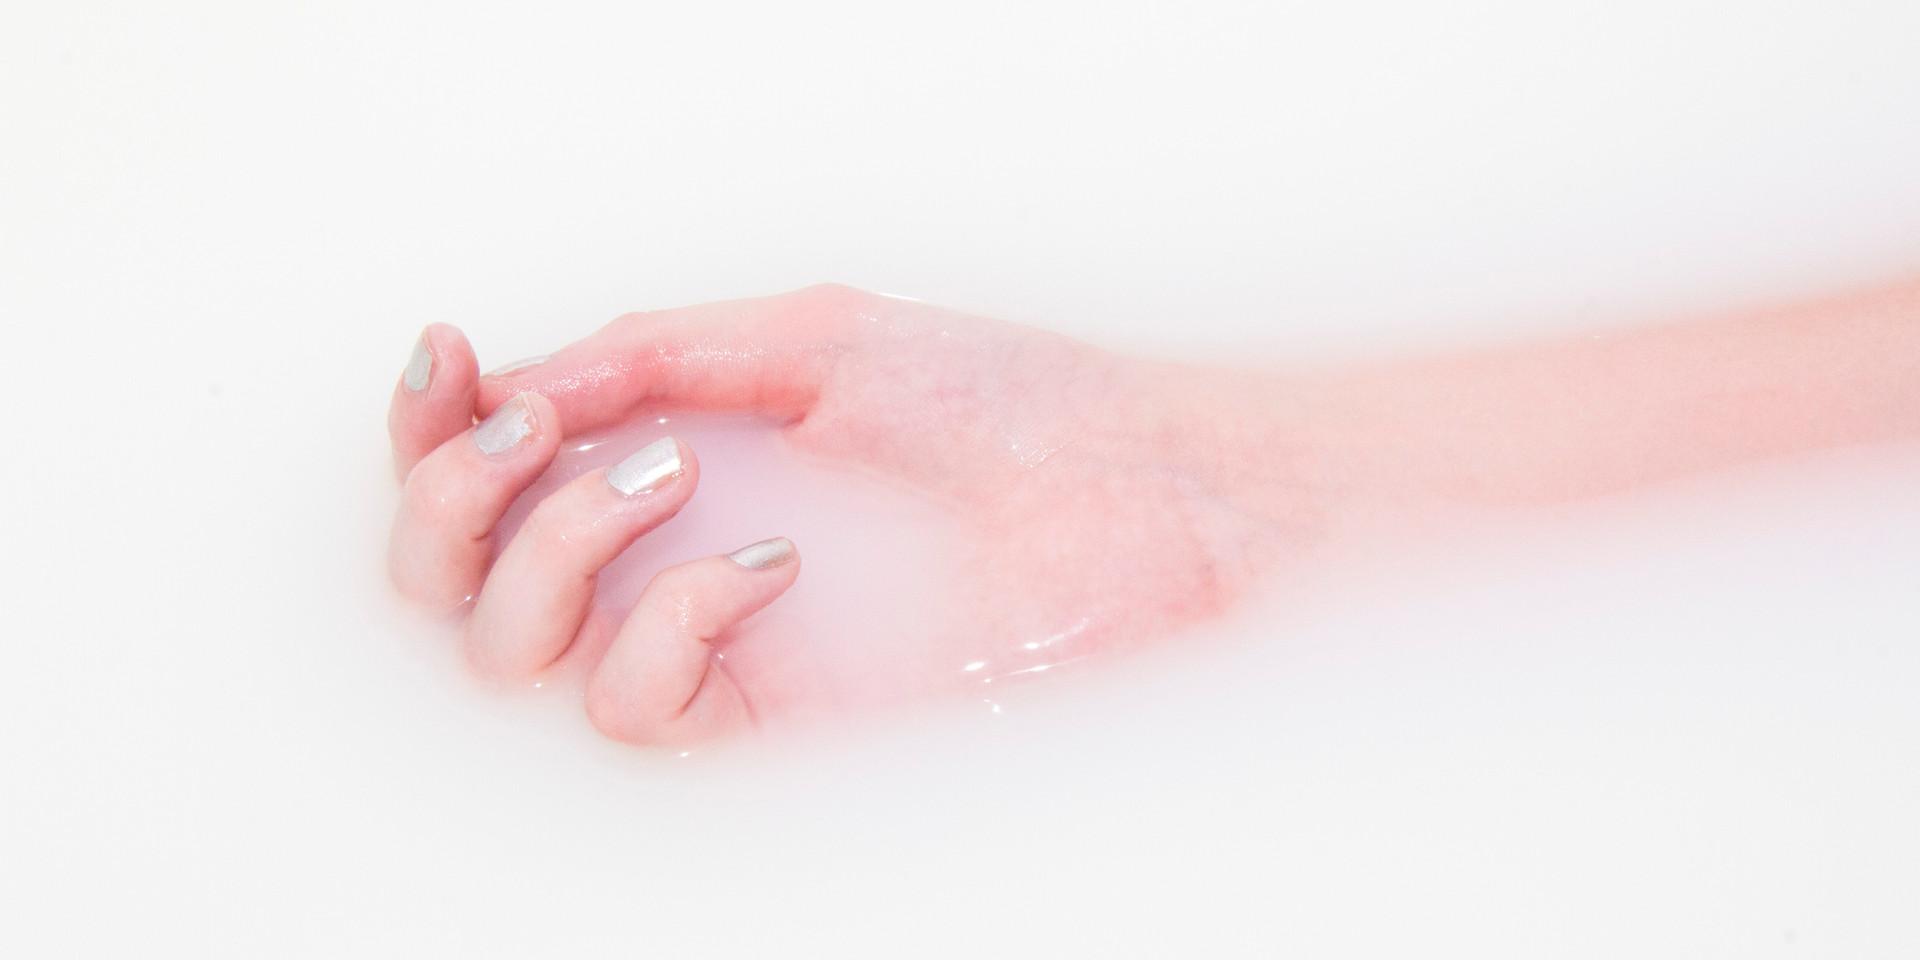 White Water in Bath - Hand